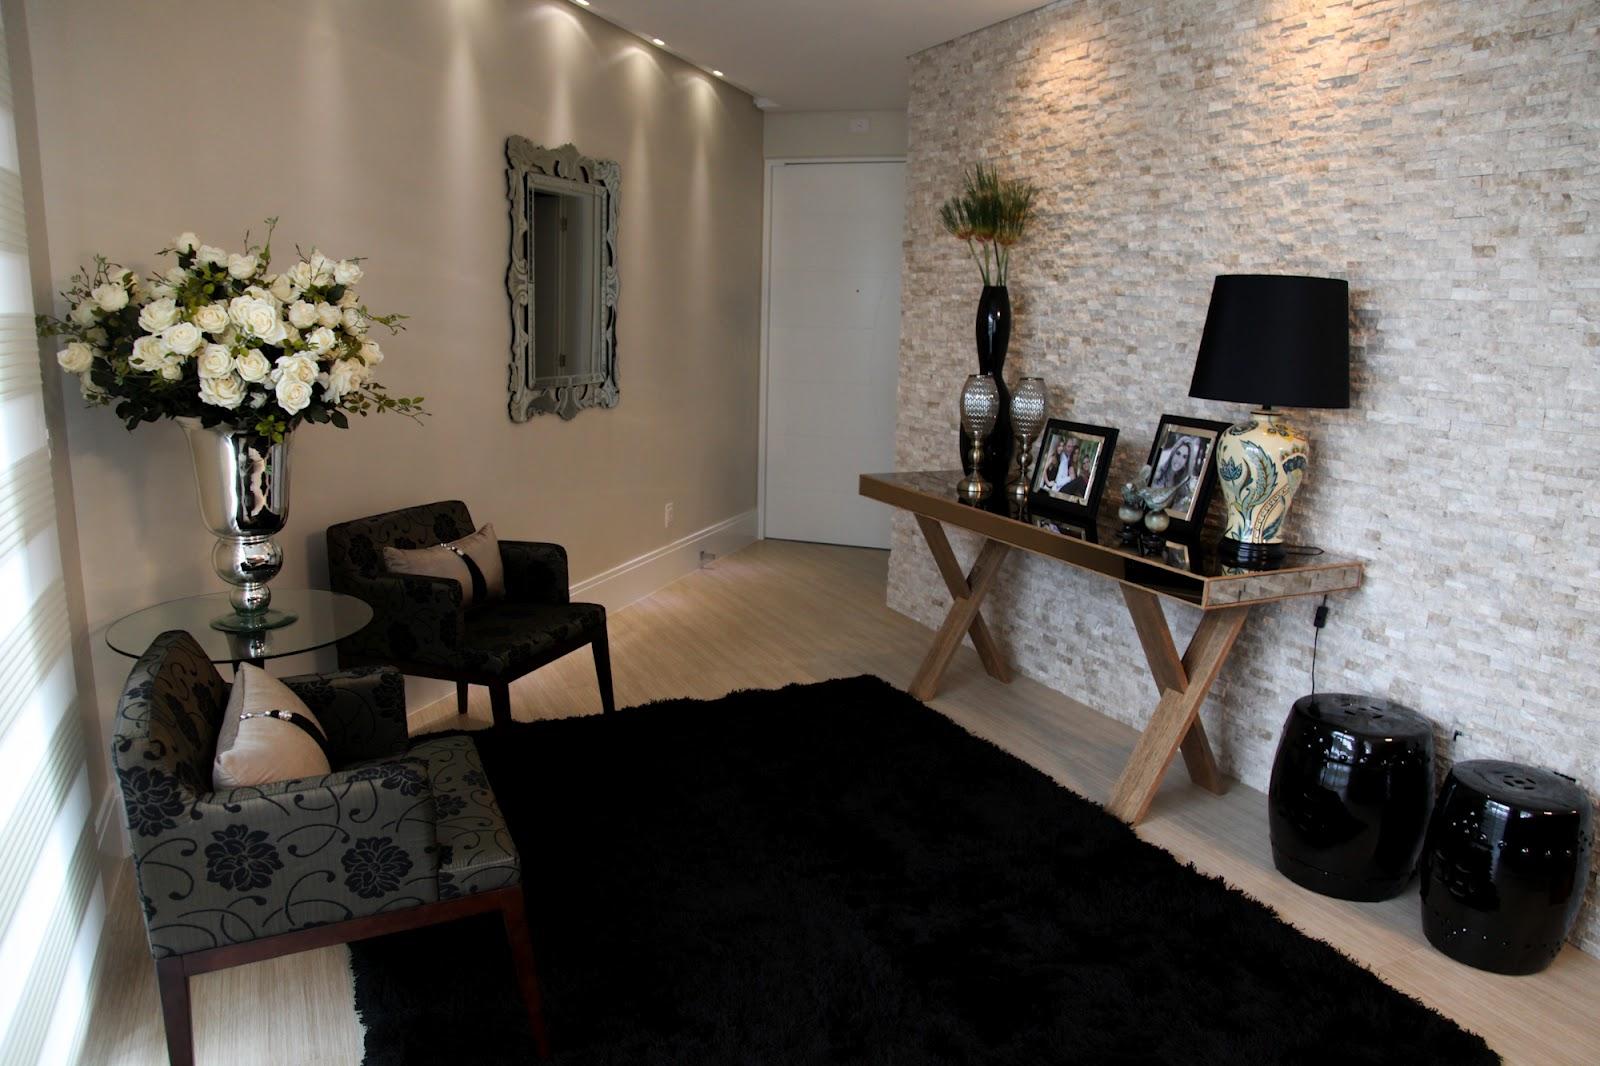 Estudio vania burigo apartamento edif cio monte pelmo for Apartamentos modernos decorados